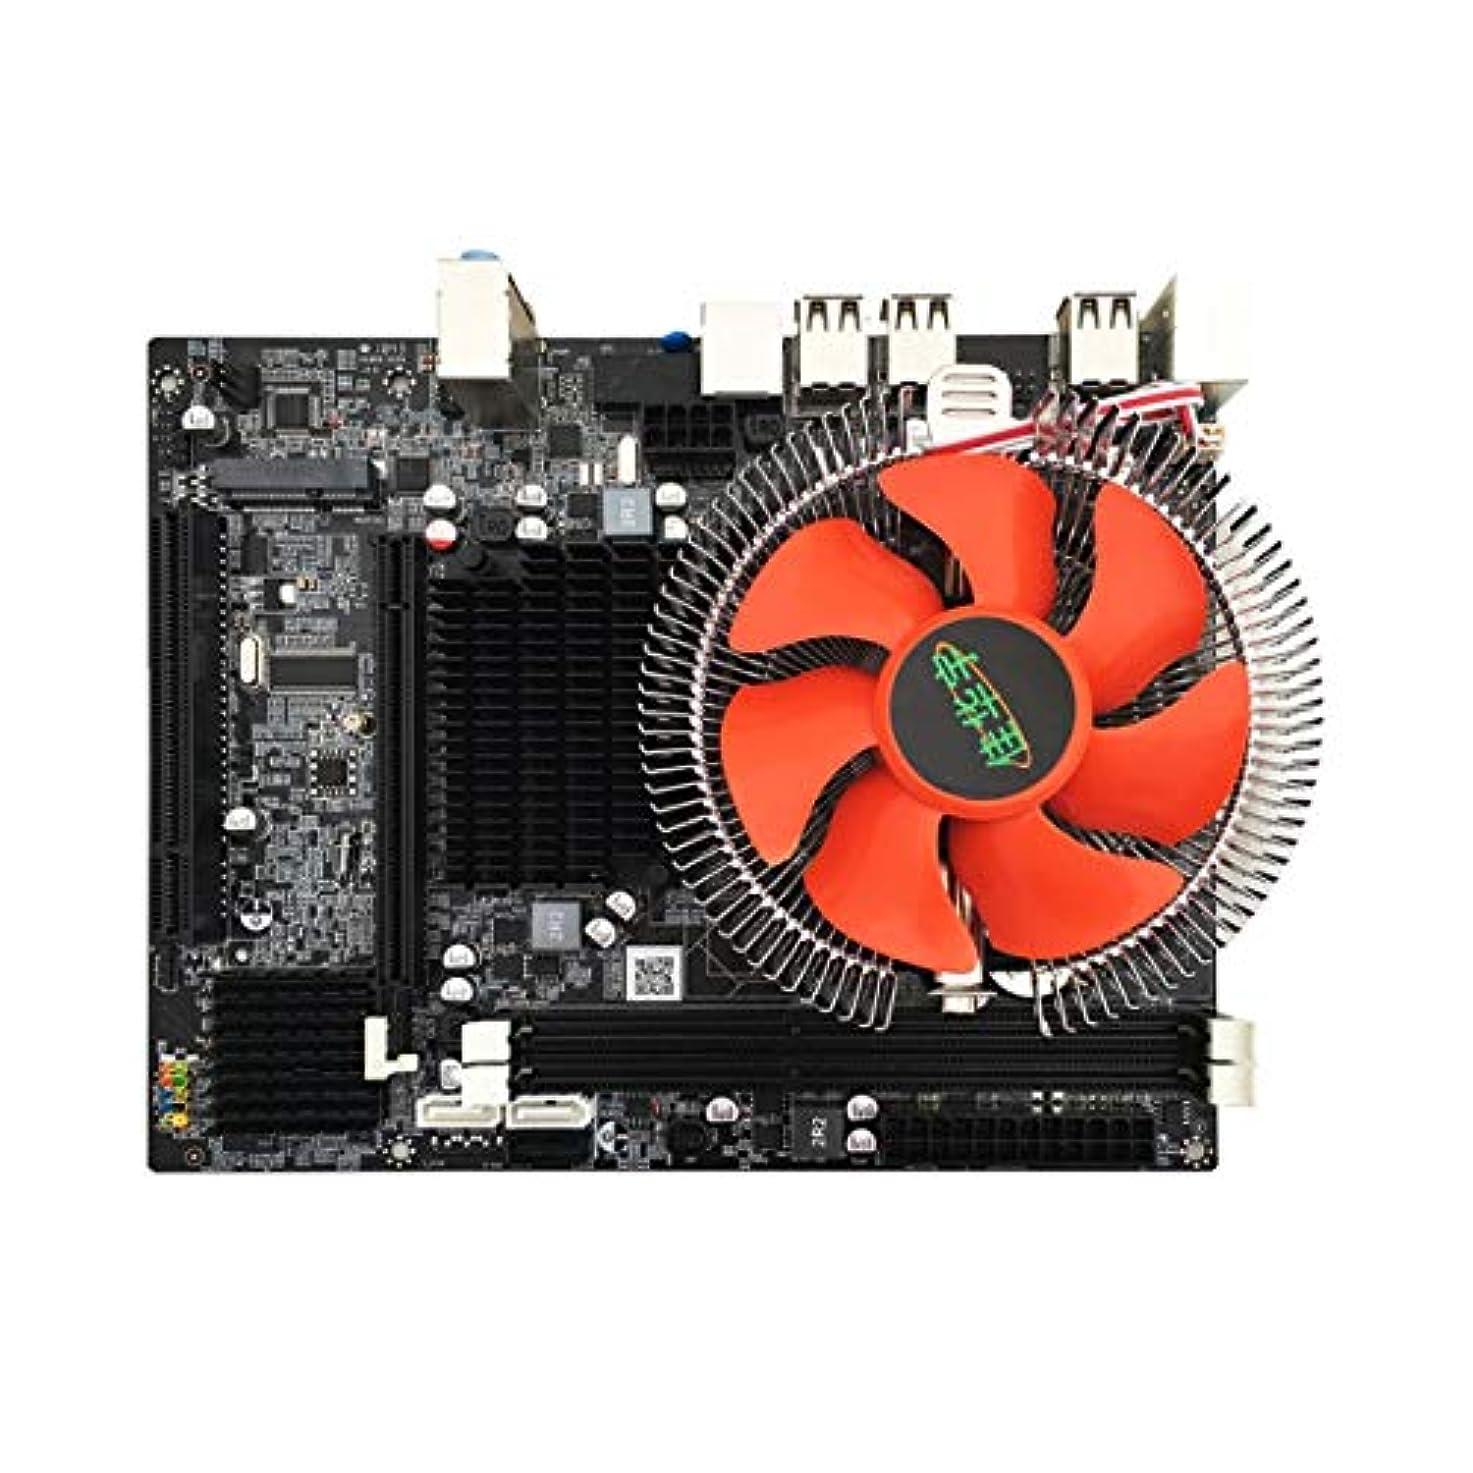 飾るボーナス鉄X58デスクトップPCマザーボードLGA 1366 E5645 6core 12Threads CPU + 8Gメモリ+ミュートファンコンピューターメインボードDDR3 RAM-マルチカラー